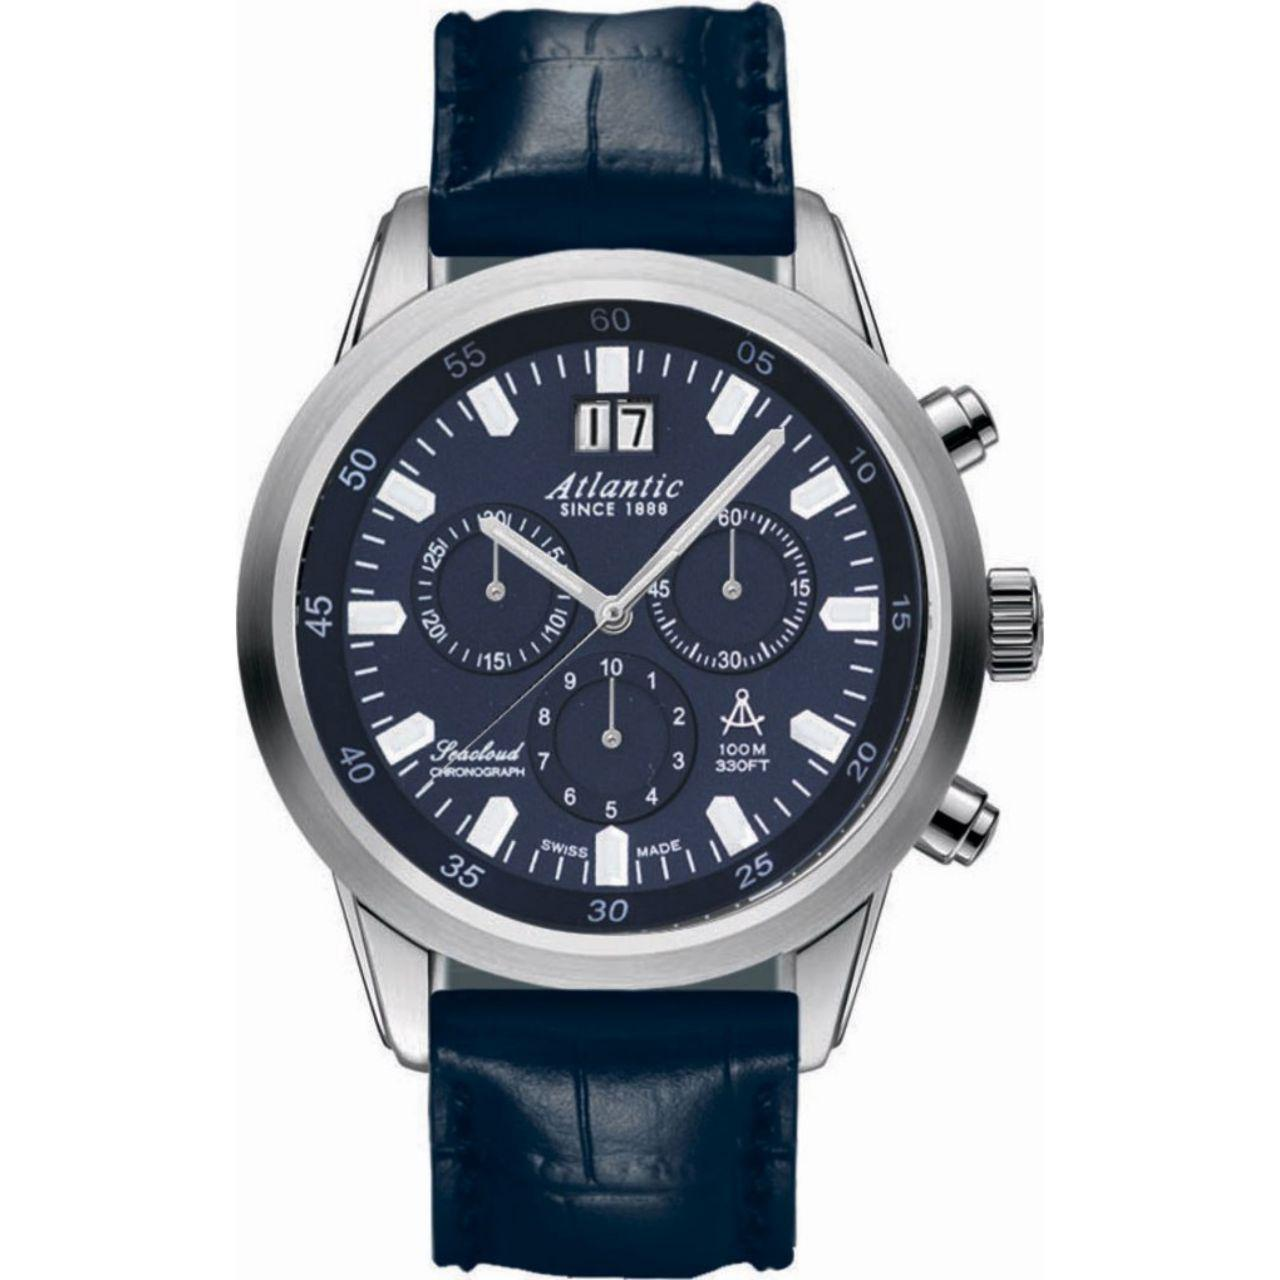 ساعت مچی عقربه ای مردانه آتلانتیک مدل AC-73460.41.51